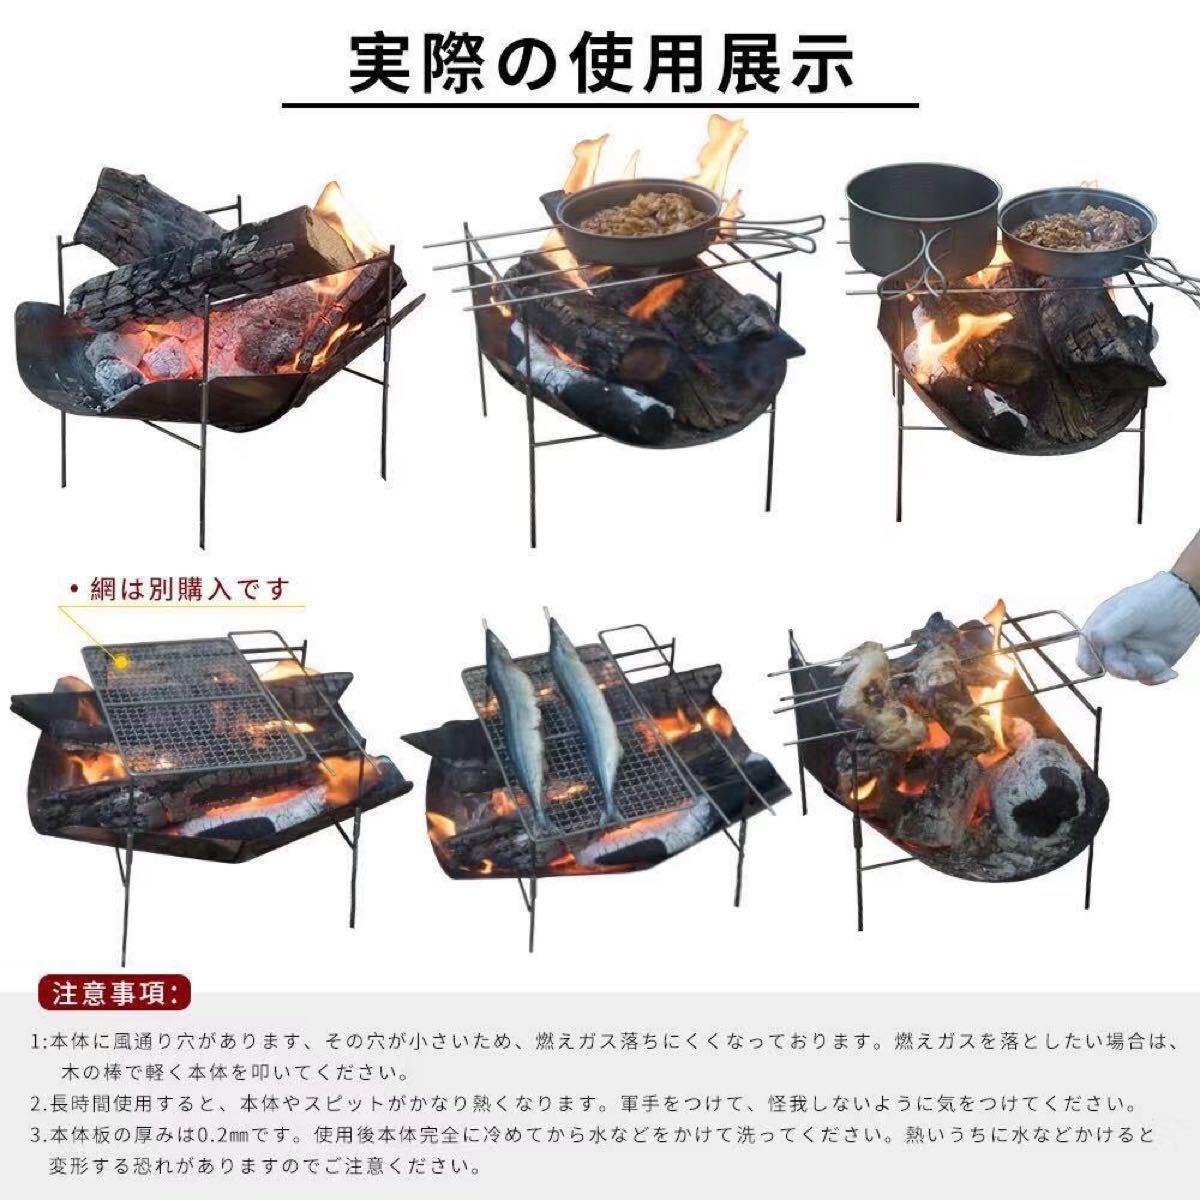 焚き火台 焚き火シート 折り畳み式 バーベキューコンロ スピット3本付き